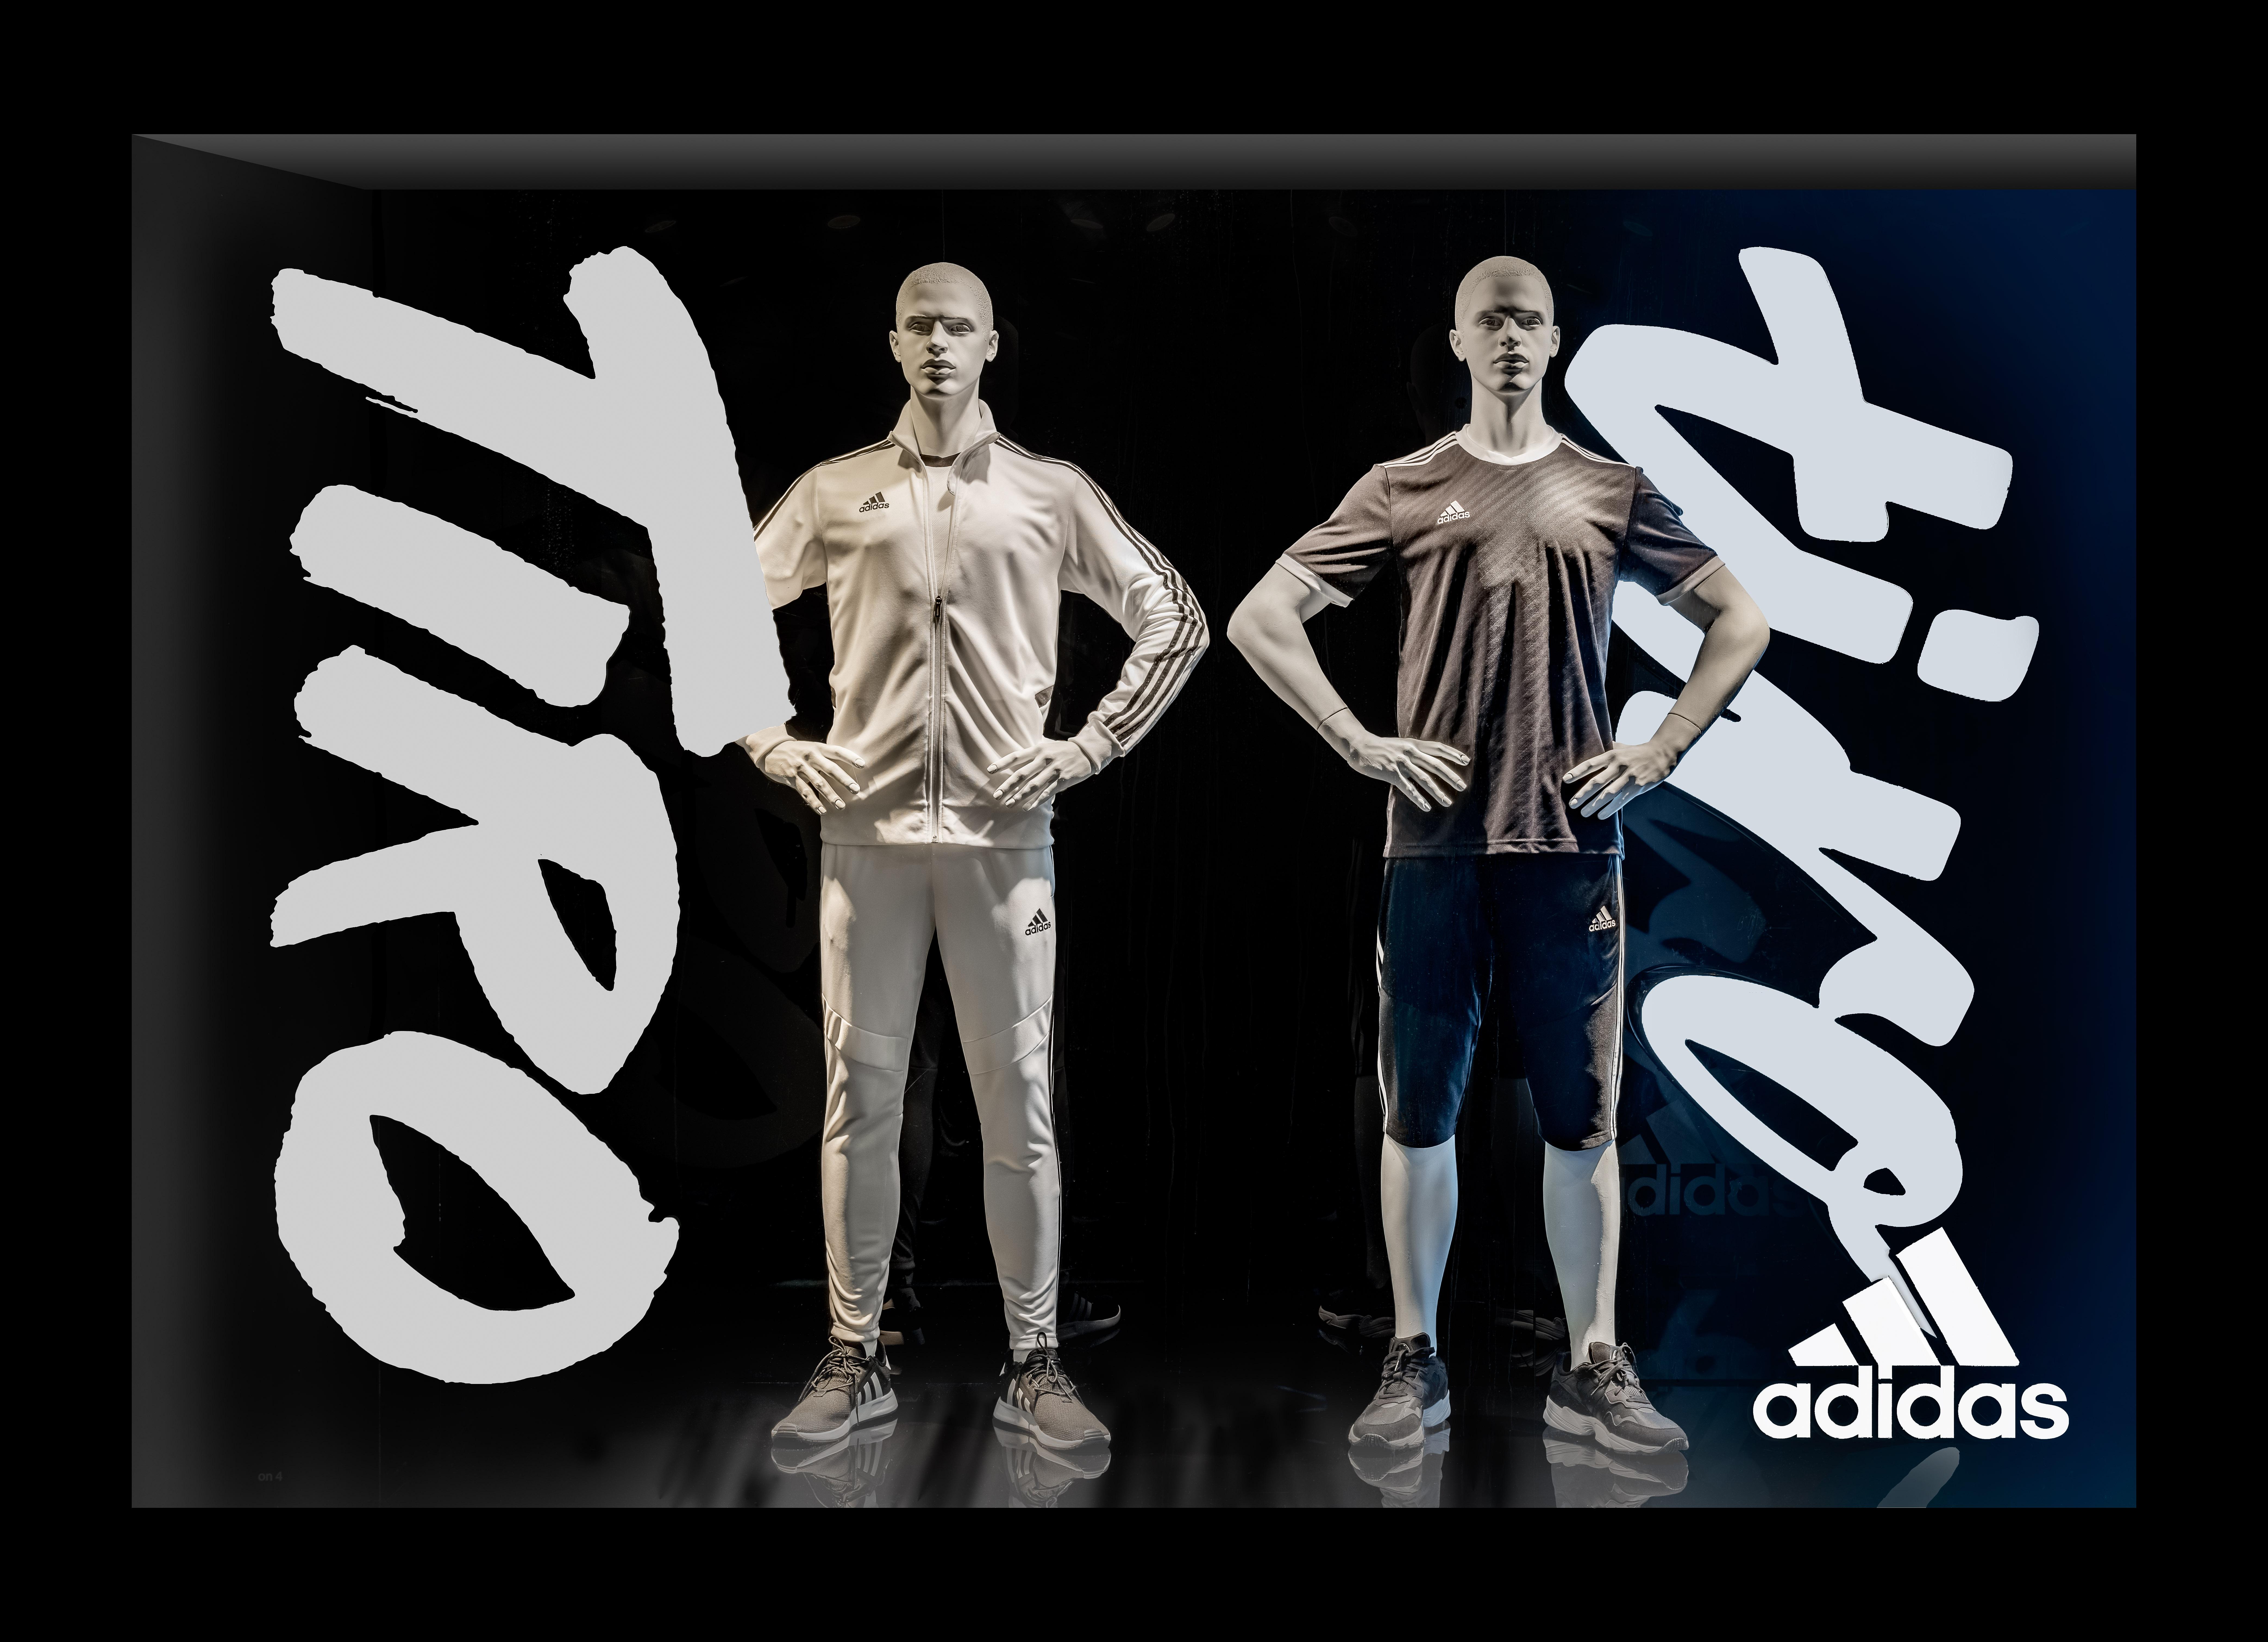 Adidas-04